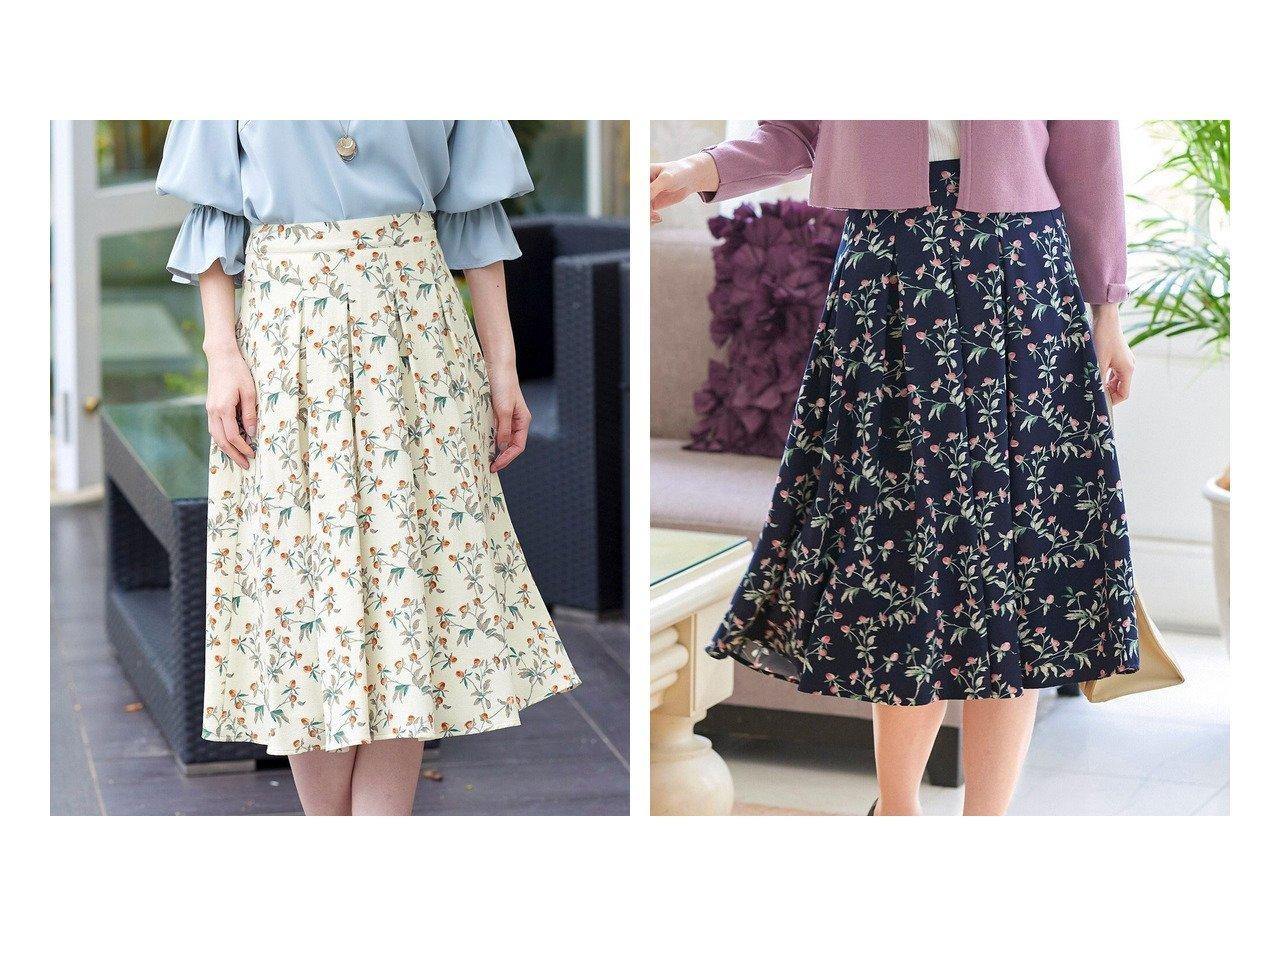 【Tiaclasse/ティアクラッセ】の【洗える】大人華やかな花柄フレアスカート 【プチプライス・低価格】おすすめ!人気、トレンド・レディースファッションの通販 おすすめで人気の流行・トレンド、ファッションの通販商品 インテリア・家具・メンズファッション・キッズファッション・レディースファッション・服の通販 founy(ファニー) https://founy.com/ ファッション Fashion レディースファッション WOMEN スカート Skirt Aライン/フレアスカート Flared A-Line Skirts 送料無料 Free Shipping ウォッシャブル ジョーゼット フラワー フレア プリント 夏 Summer 春 Spring 洗える 秋 Autumn/Fall  ID:crp329100000055557